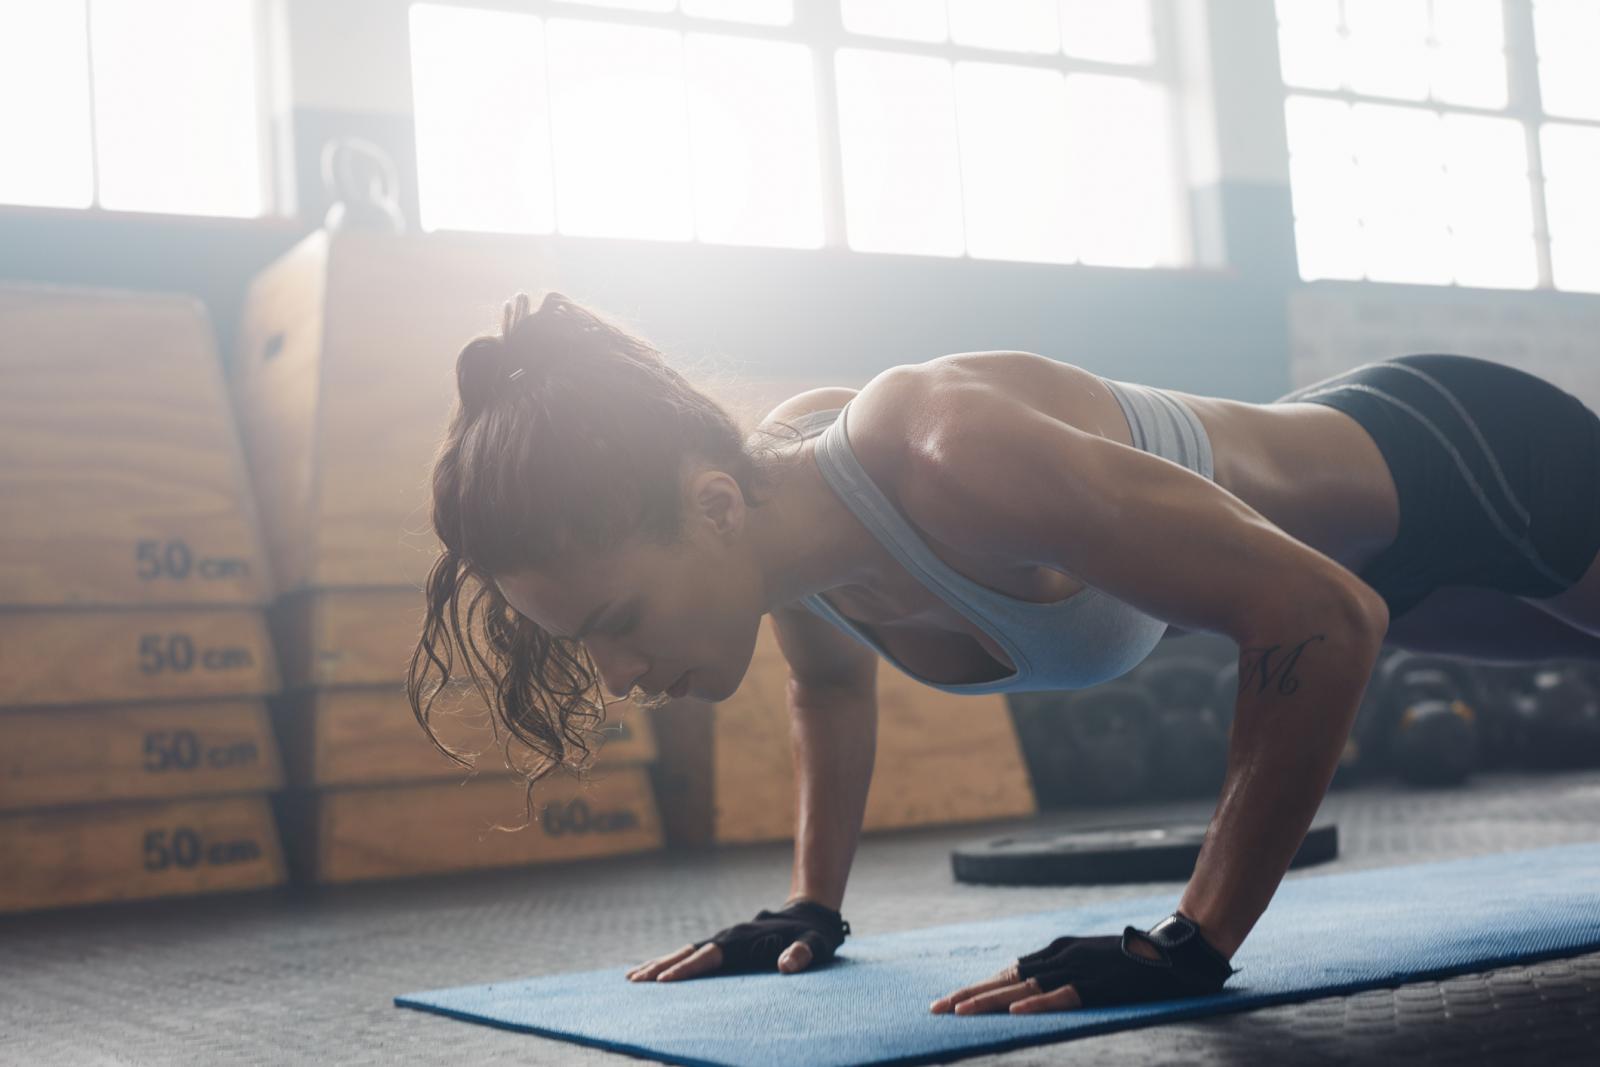 Iskusni vježbači to već znaju - uravnotežena prehrana bogata proteinima također je izrazito važna.